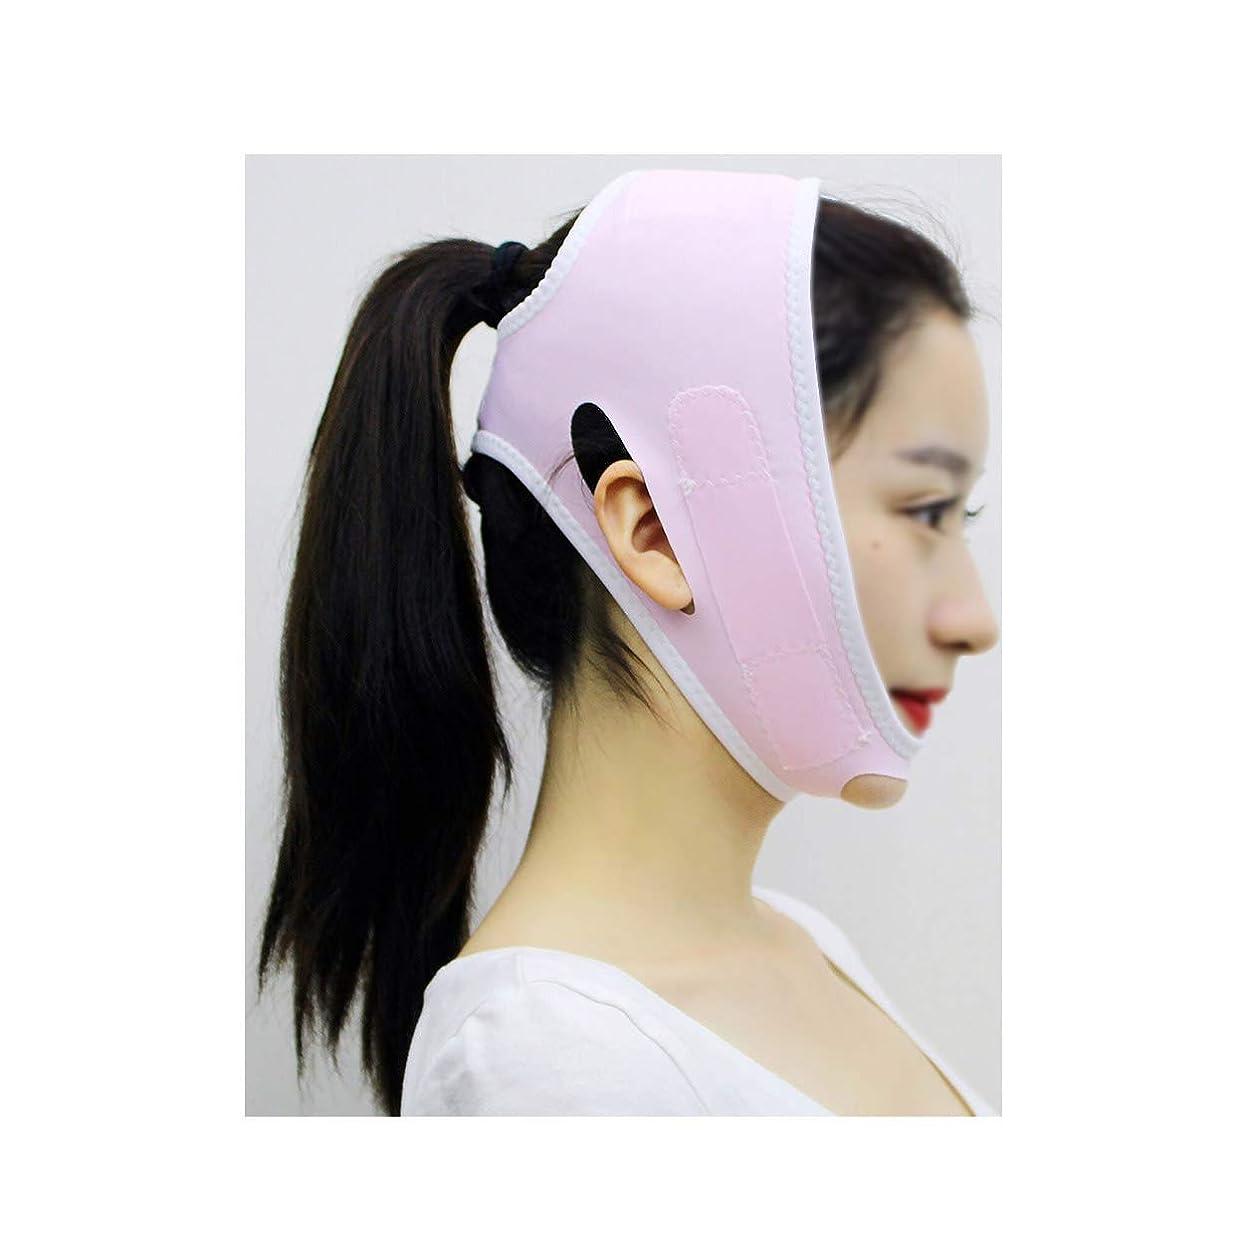 日常的に縞模様の記録TLMY フェイシャルリフティングマスクあごストラップ修復包帯ヘッドバンドマスクフェイスリフティングスモールVフェイスアーティファクト型美容弾性フェイシャル&ネックリフティング 顔用整形マスク (Color : Pink)